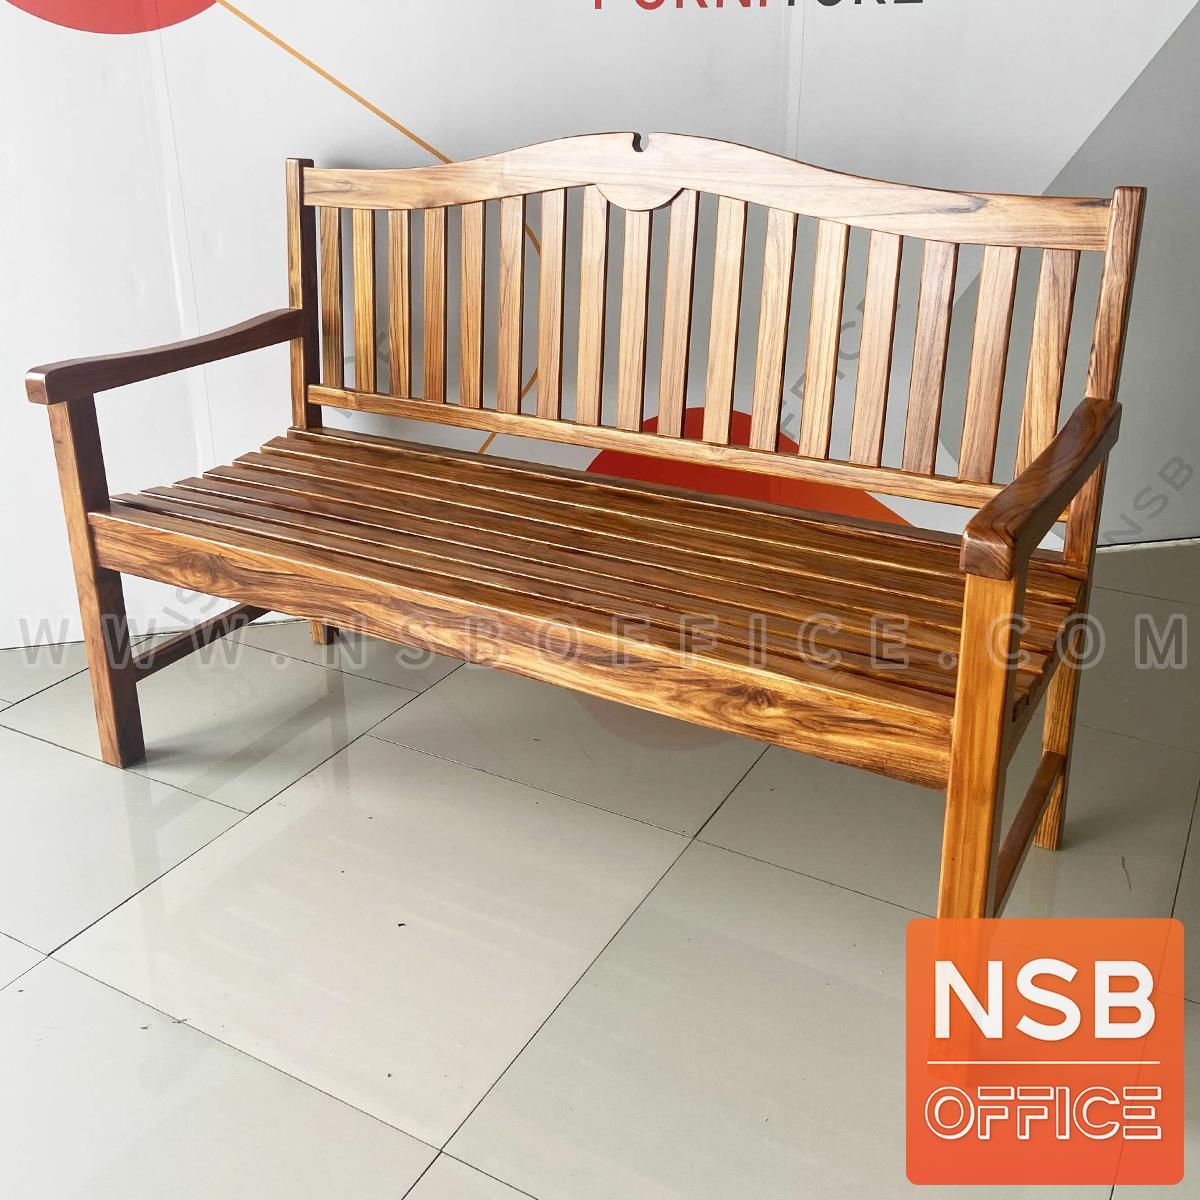 ม้านั่งไม้สัก มีพนักพิง รุ่น Woodline (วู็ดไลน์) ขนาด 138W cm. สีธรรมชาติ